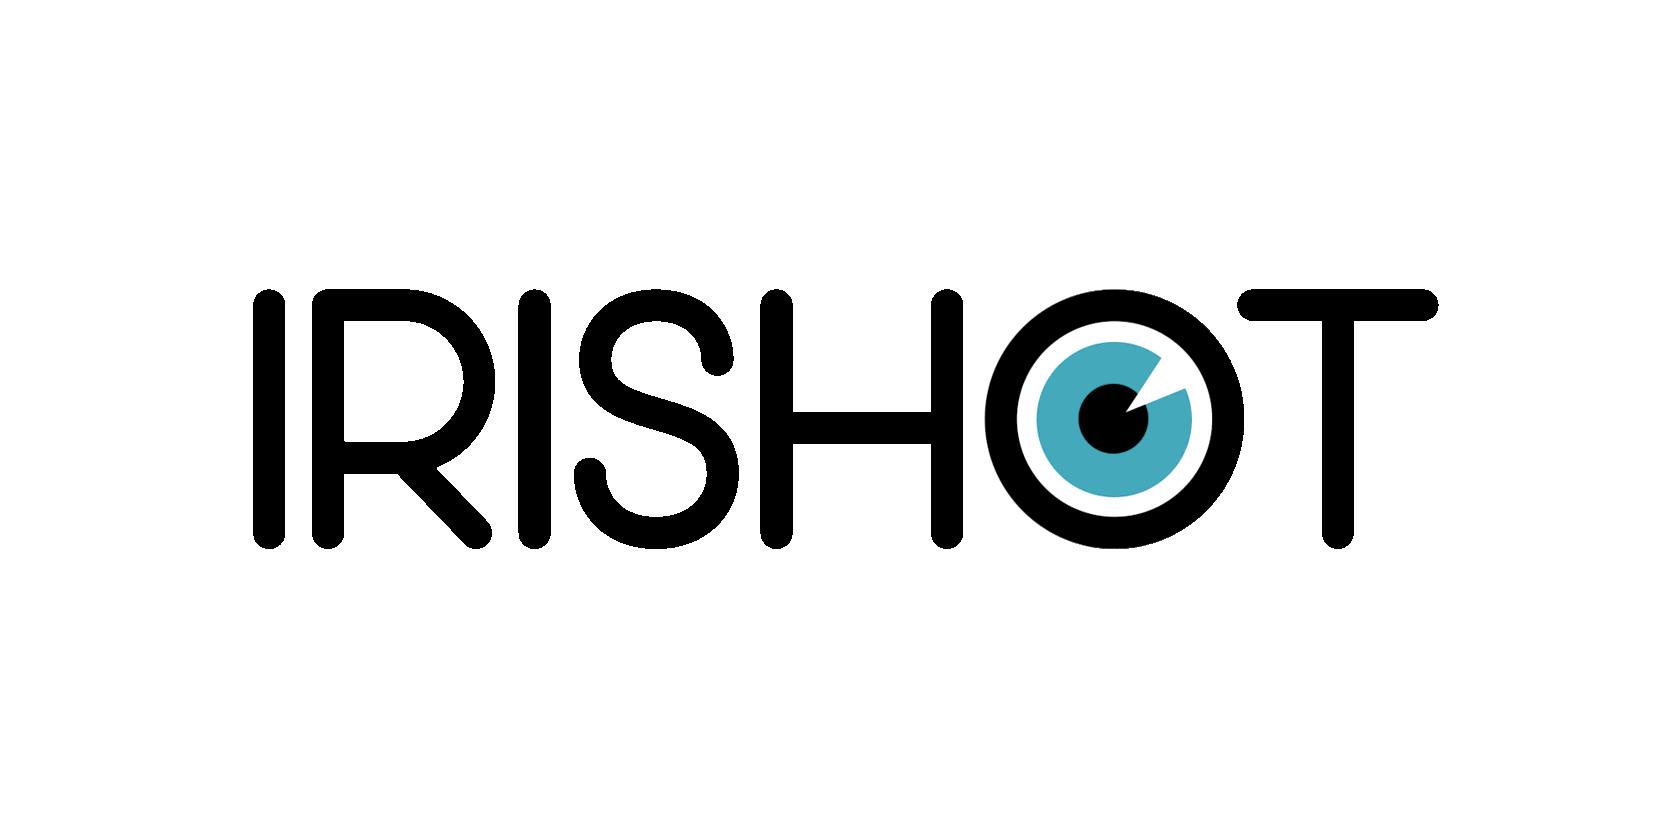 irishot